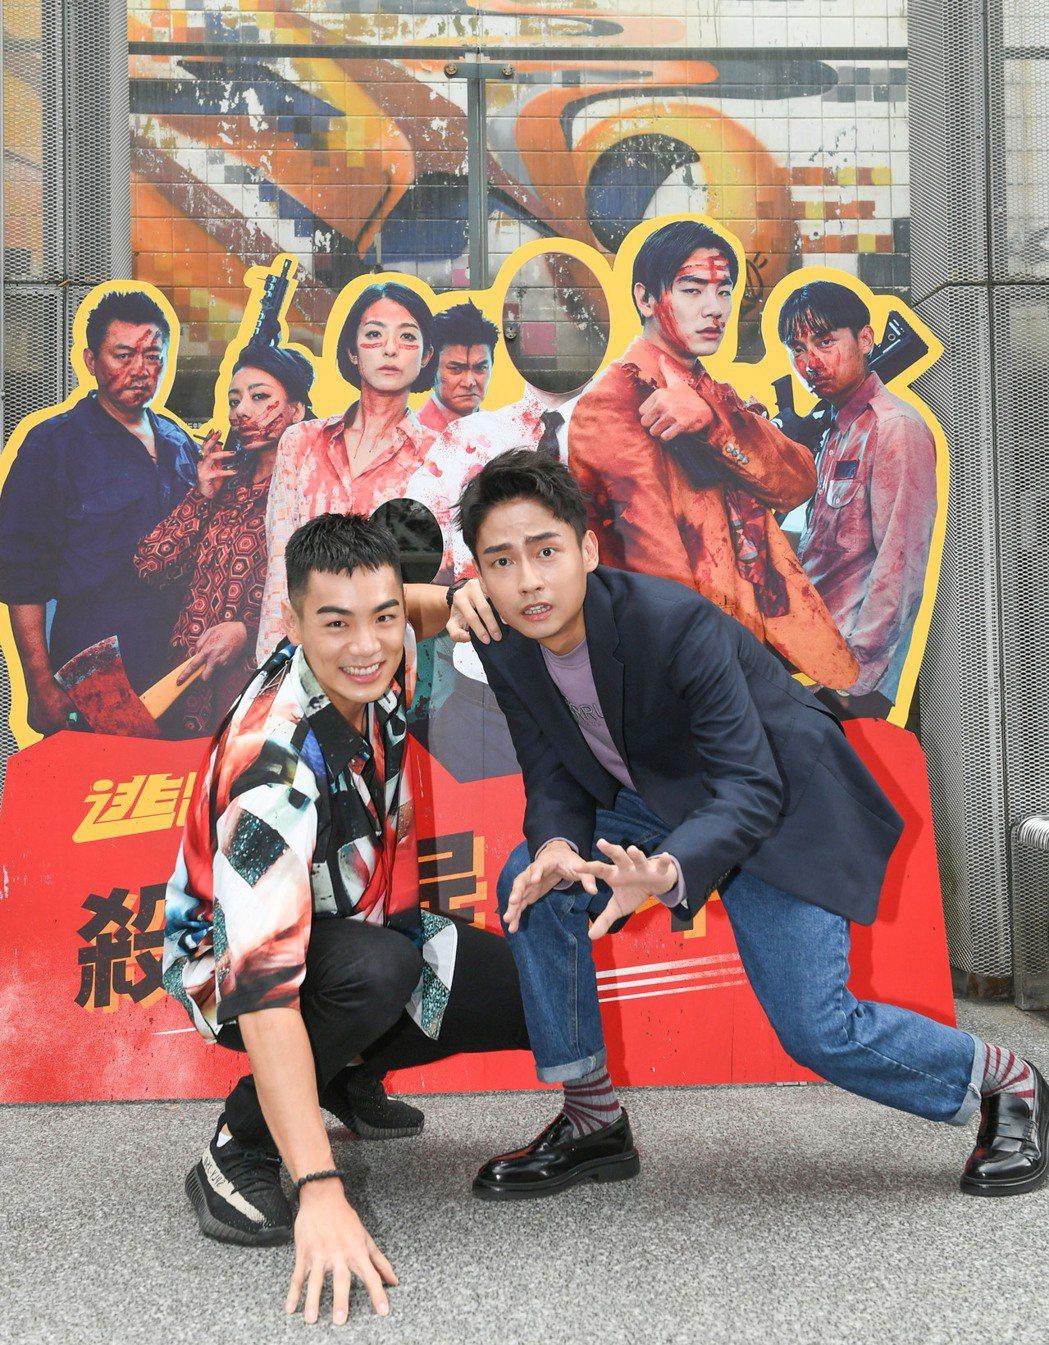 禾浩辰(左)、「大鶴」林鶴軒(右)於父親節當天出席「逃出立法院」彈幕特映場。圖/...